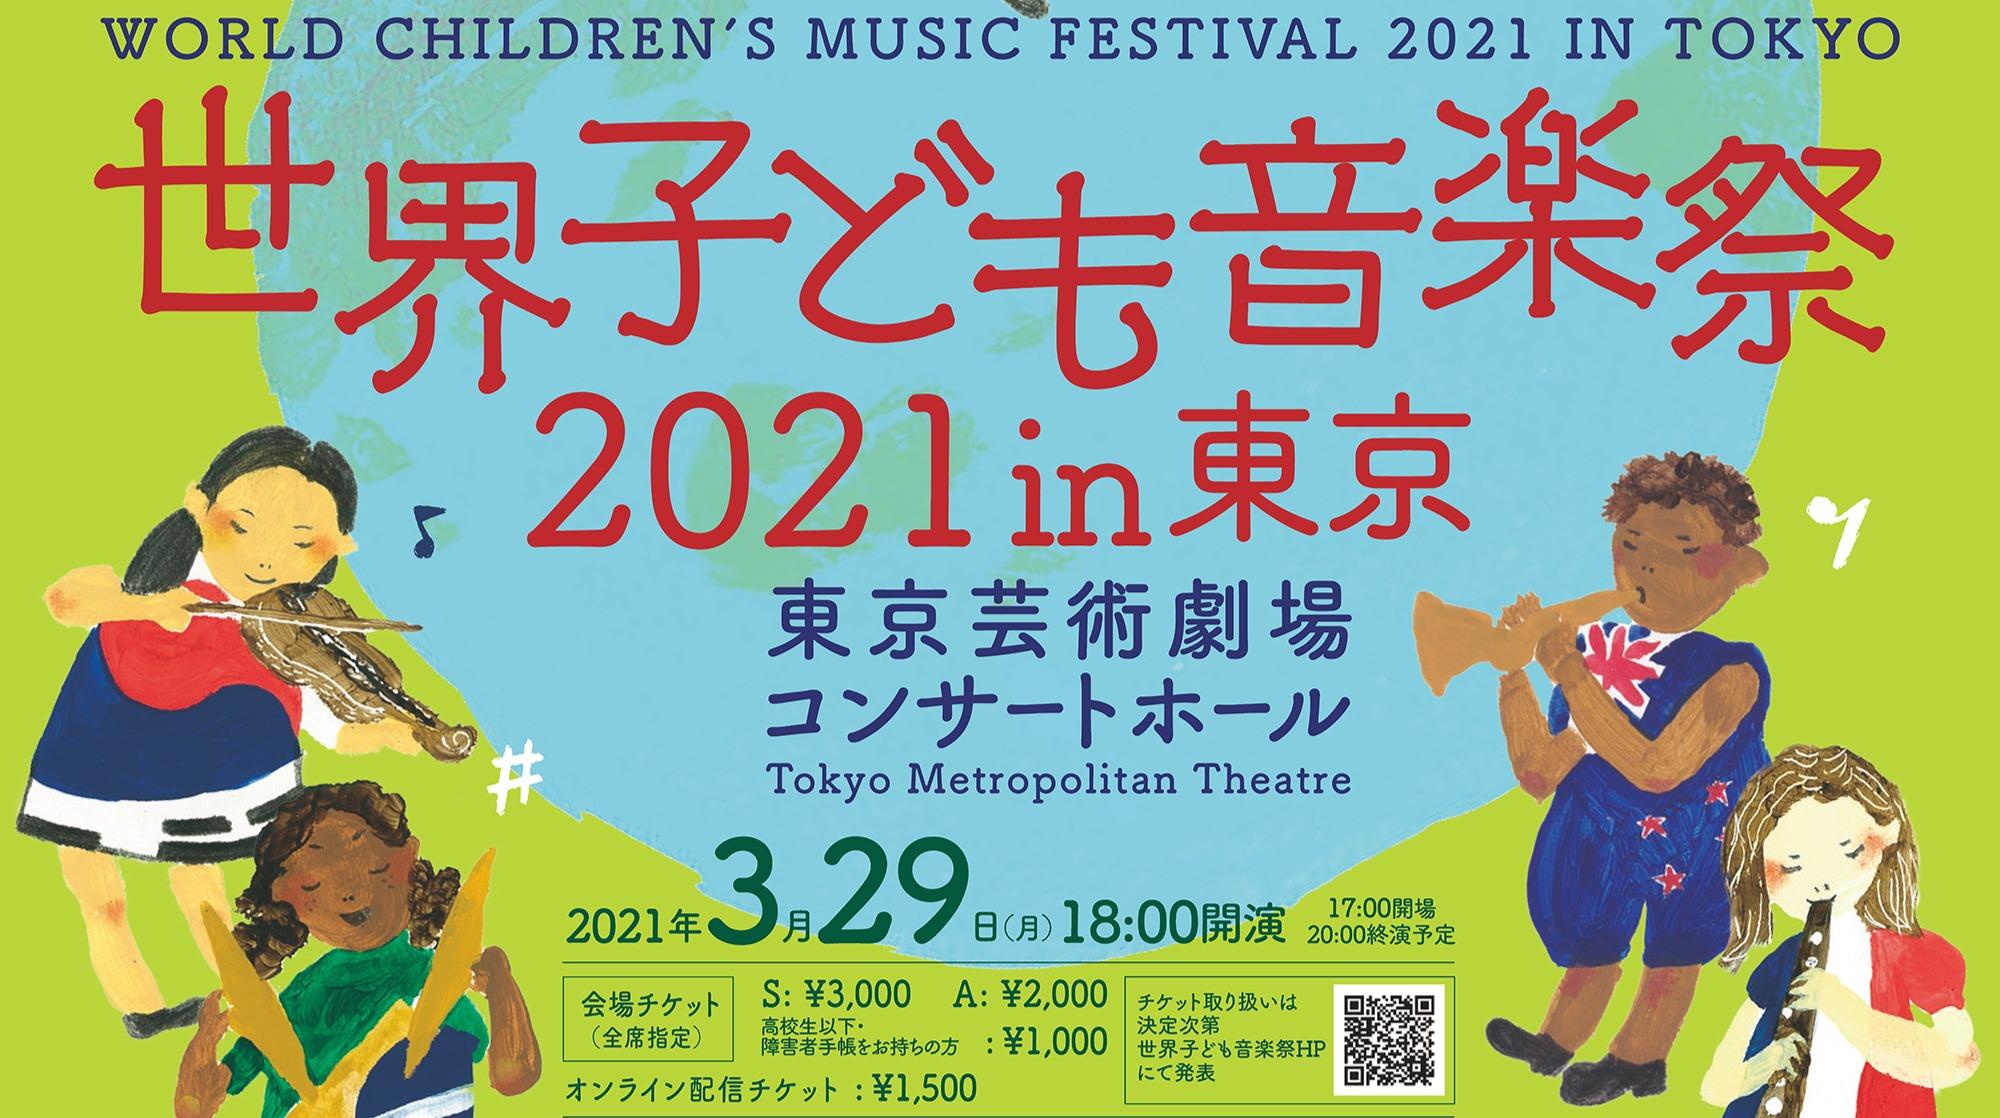 世界子ども音楽祭2021 in 東京 仲間とともに奏で歌い、困難を乗り越える